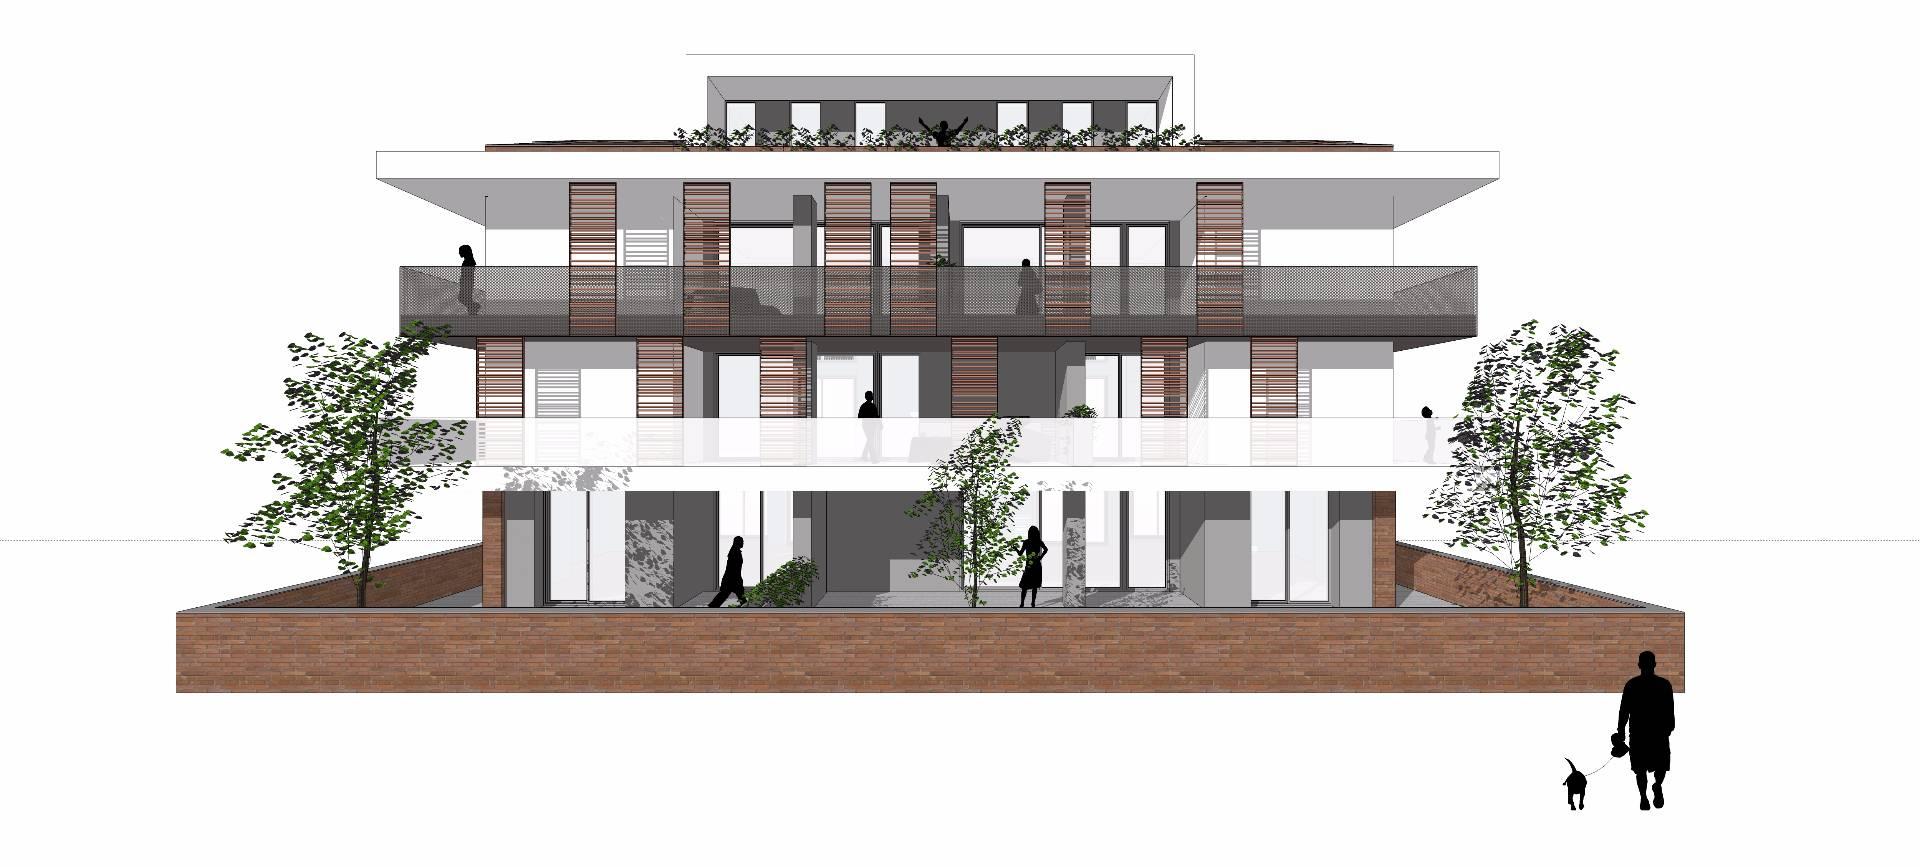 Appartamento in vendita a Cesena, 4 locali, zona Località: PonteAbbadesse, prezzo € 383.000 | CambioCasa.it